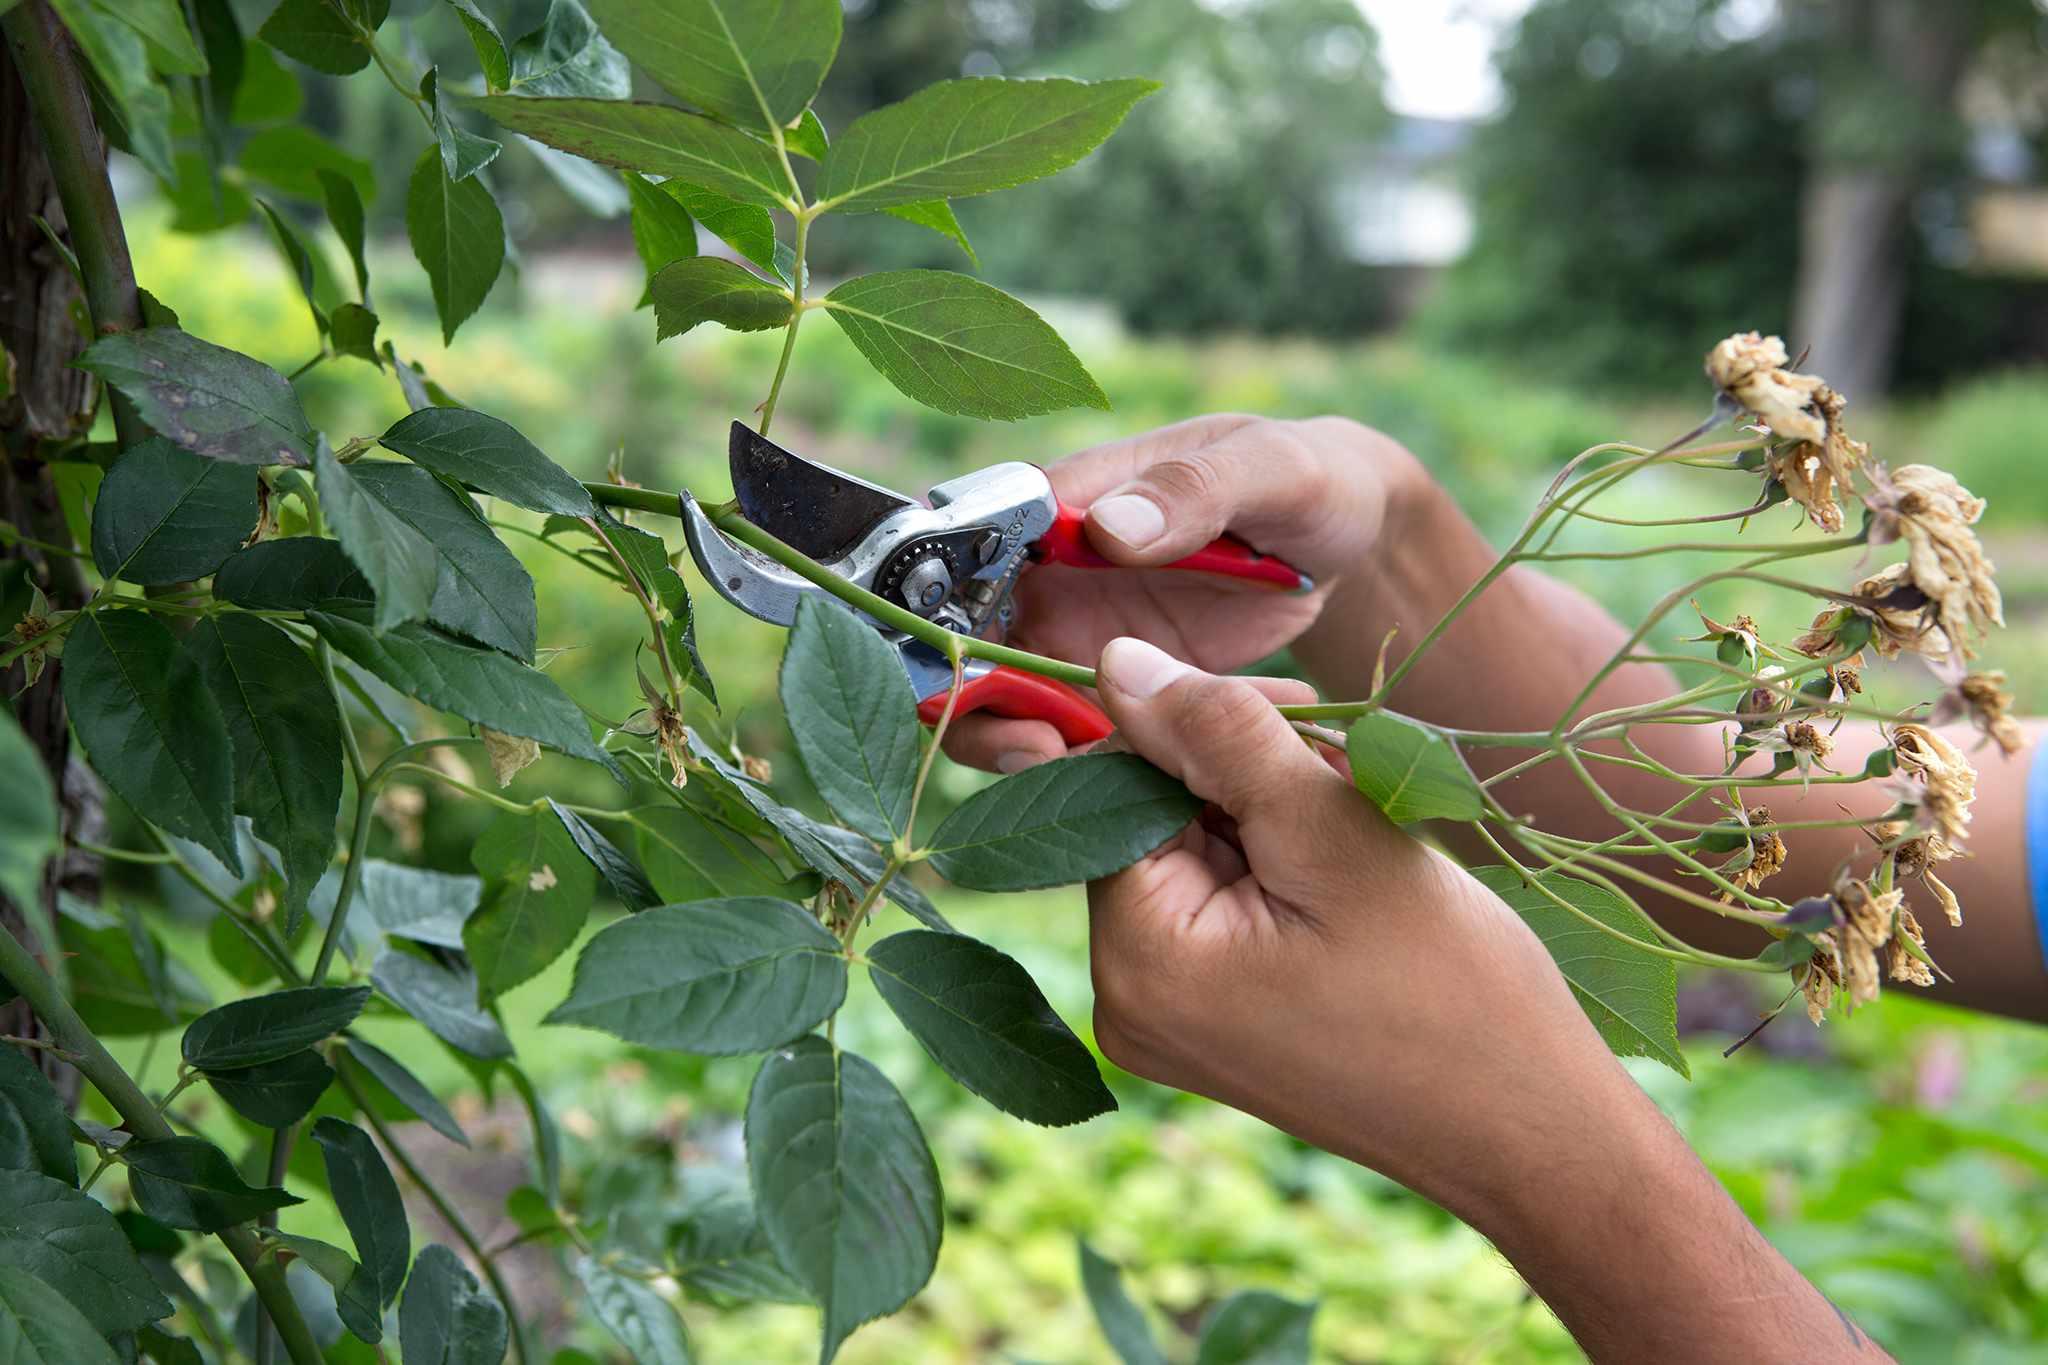 Pruning rambling rose